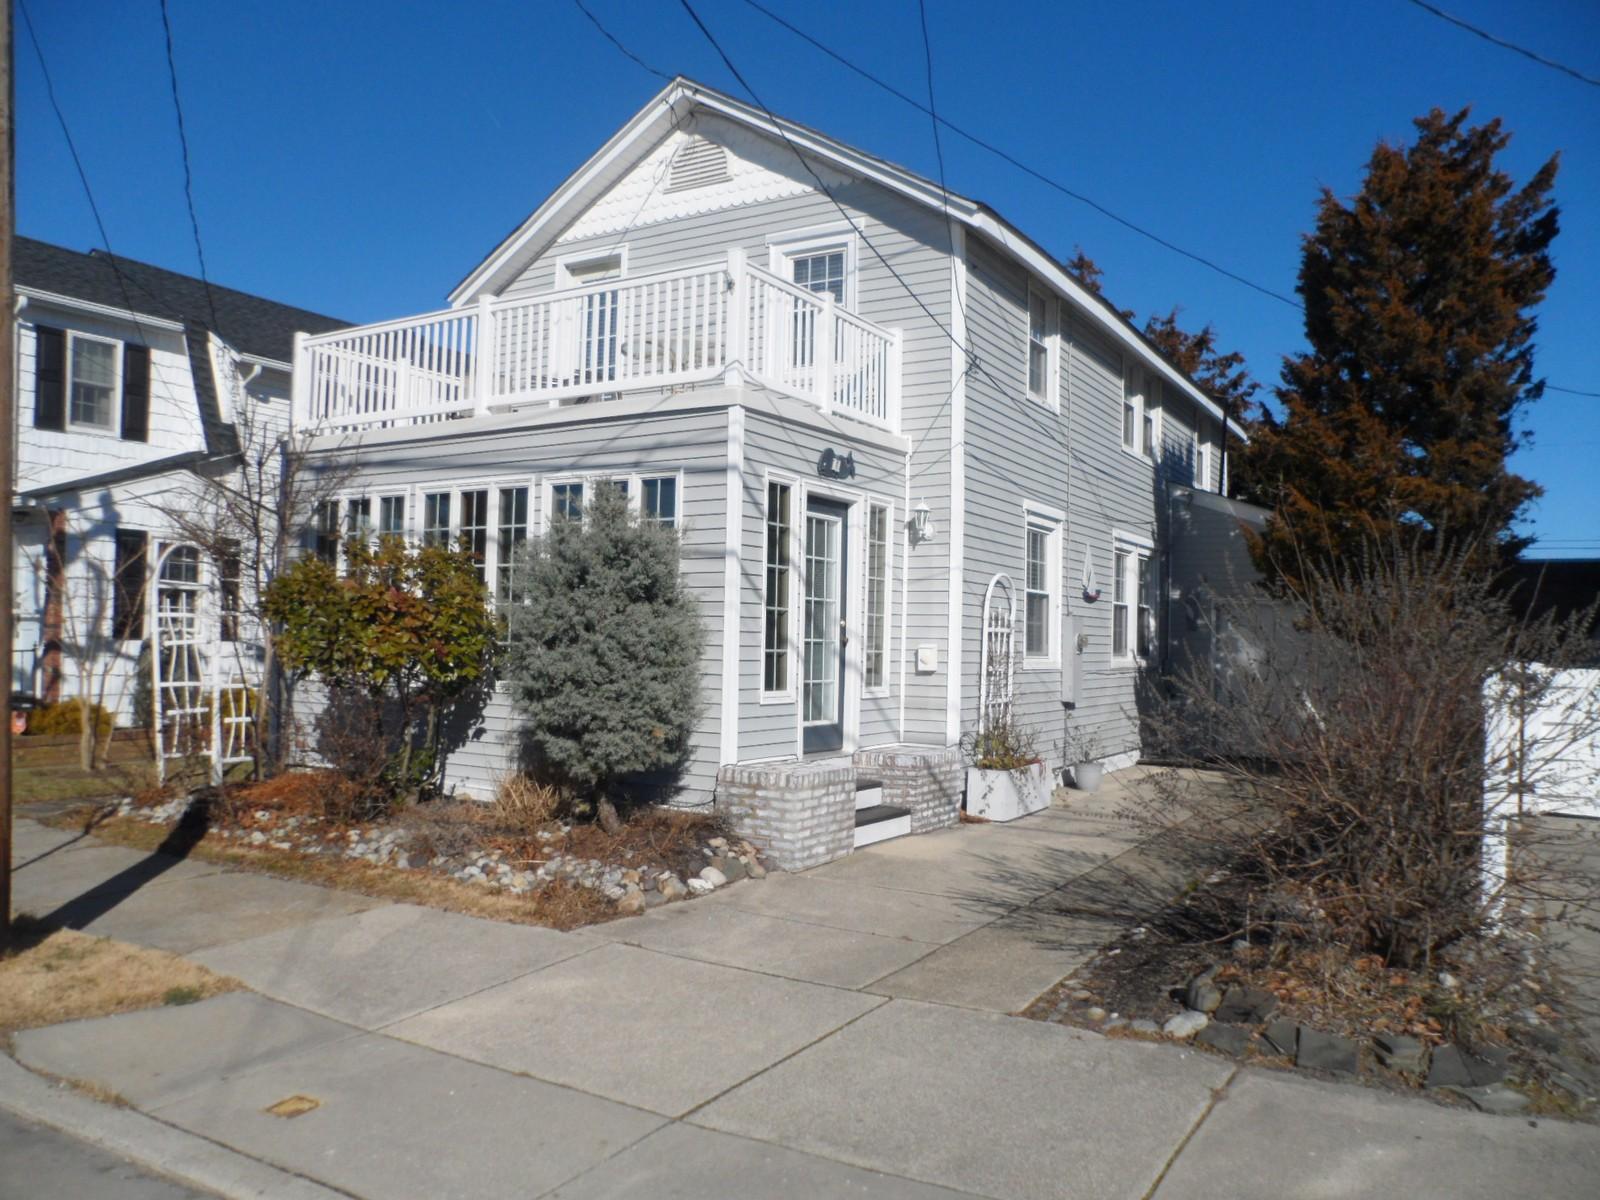 Maison unifamiliale pour l à louer à 11 N Douglas 11 N Douglas Ave Margate, New Jersey 08402 États-Unis